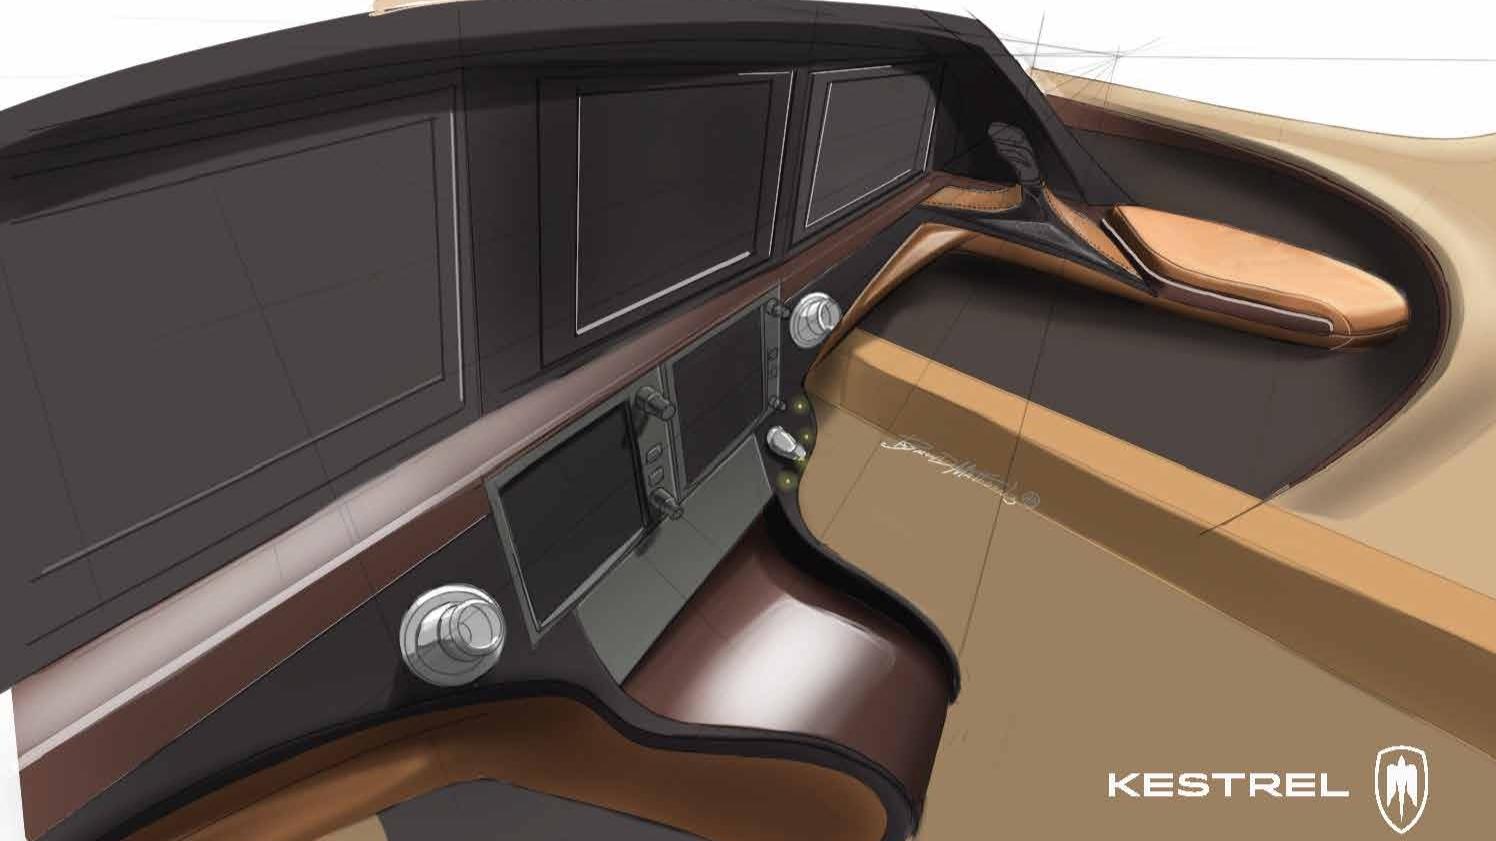 Kestrel K350 Cockpit